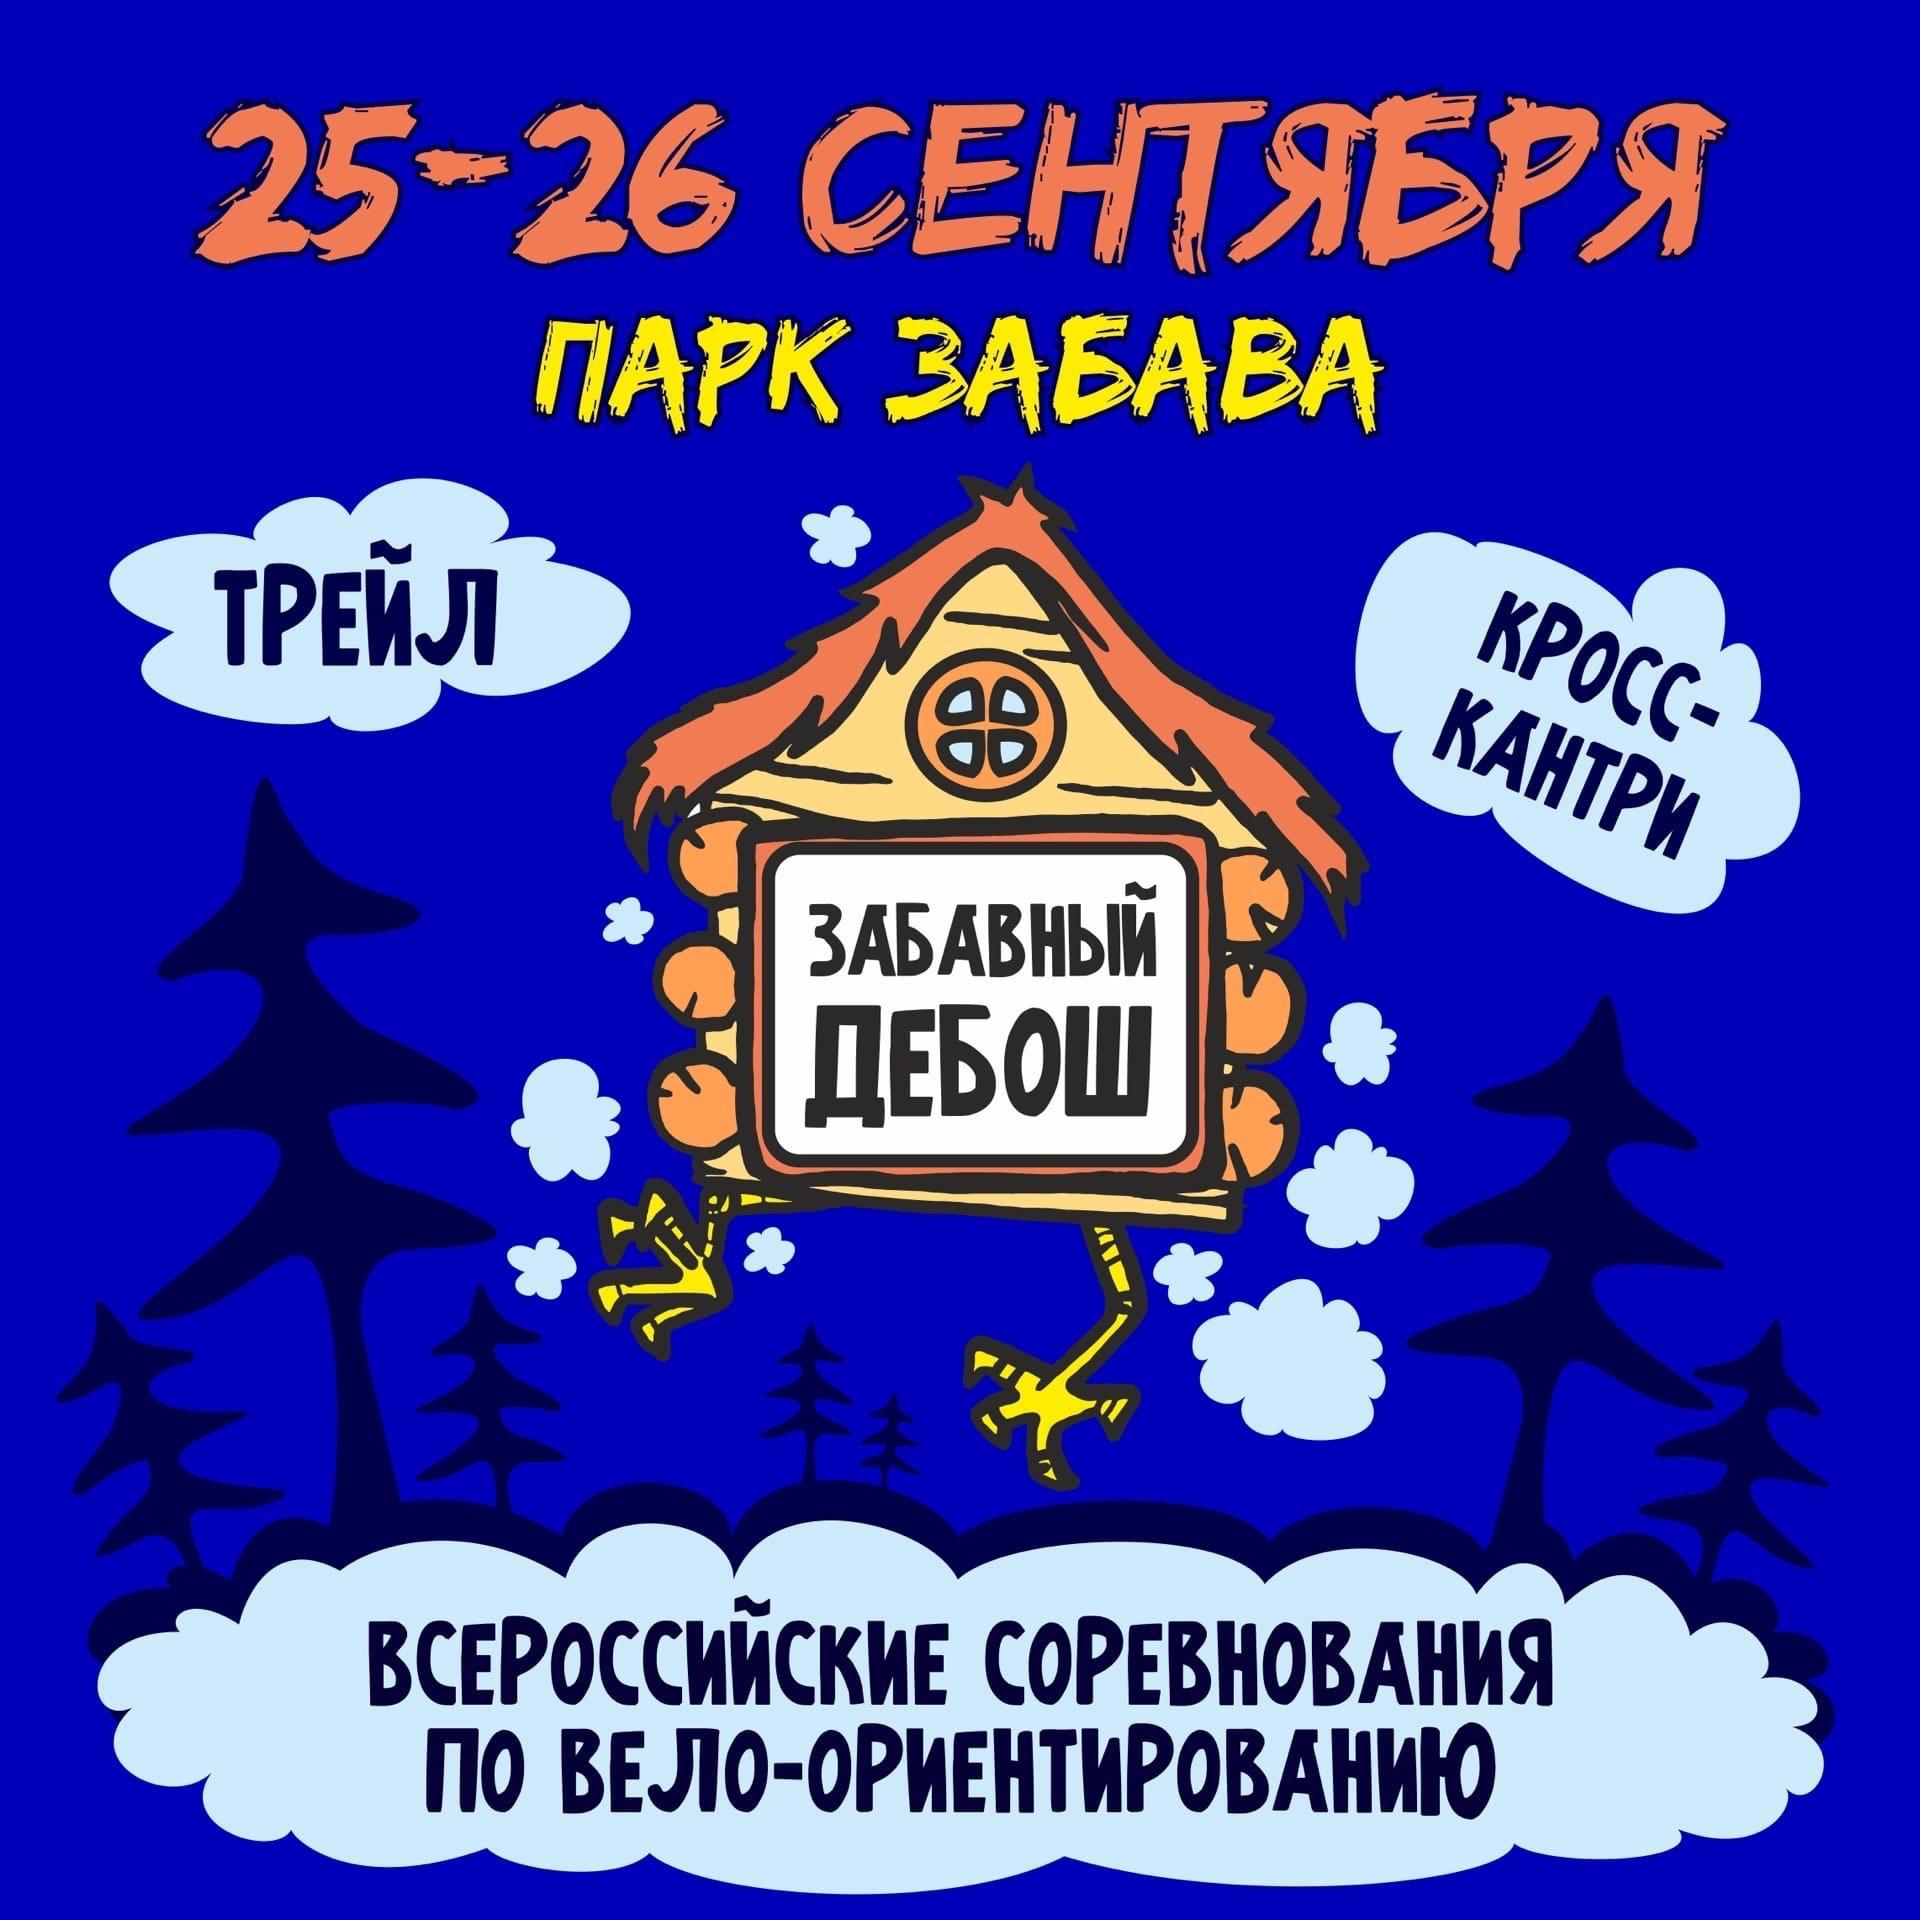 Соревнования по трейлу, велоориентированию и велогонке в д. Белкино, Ярославского р-на, Ярославской области